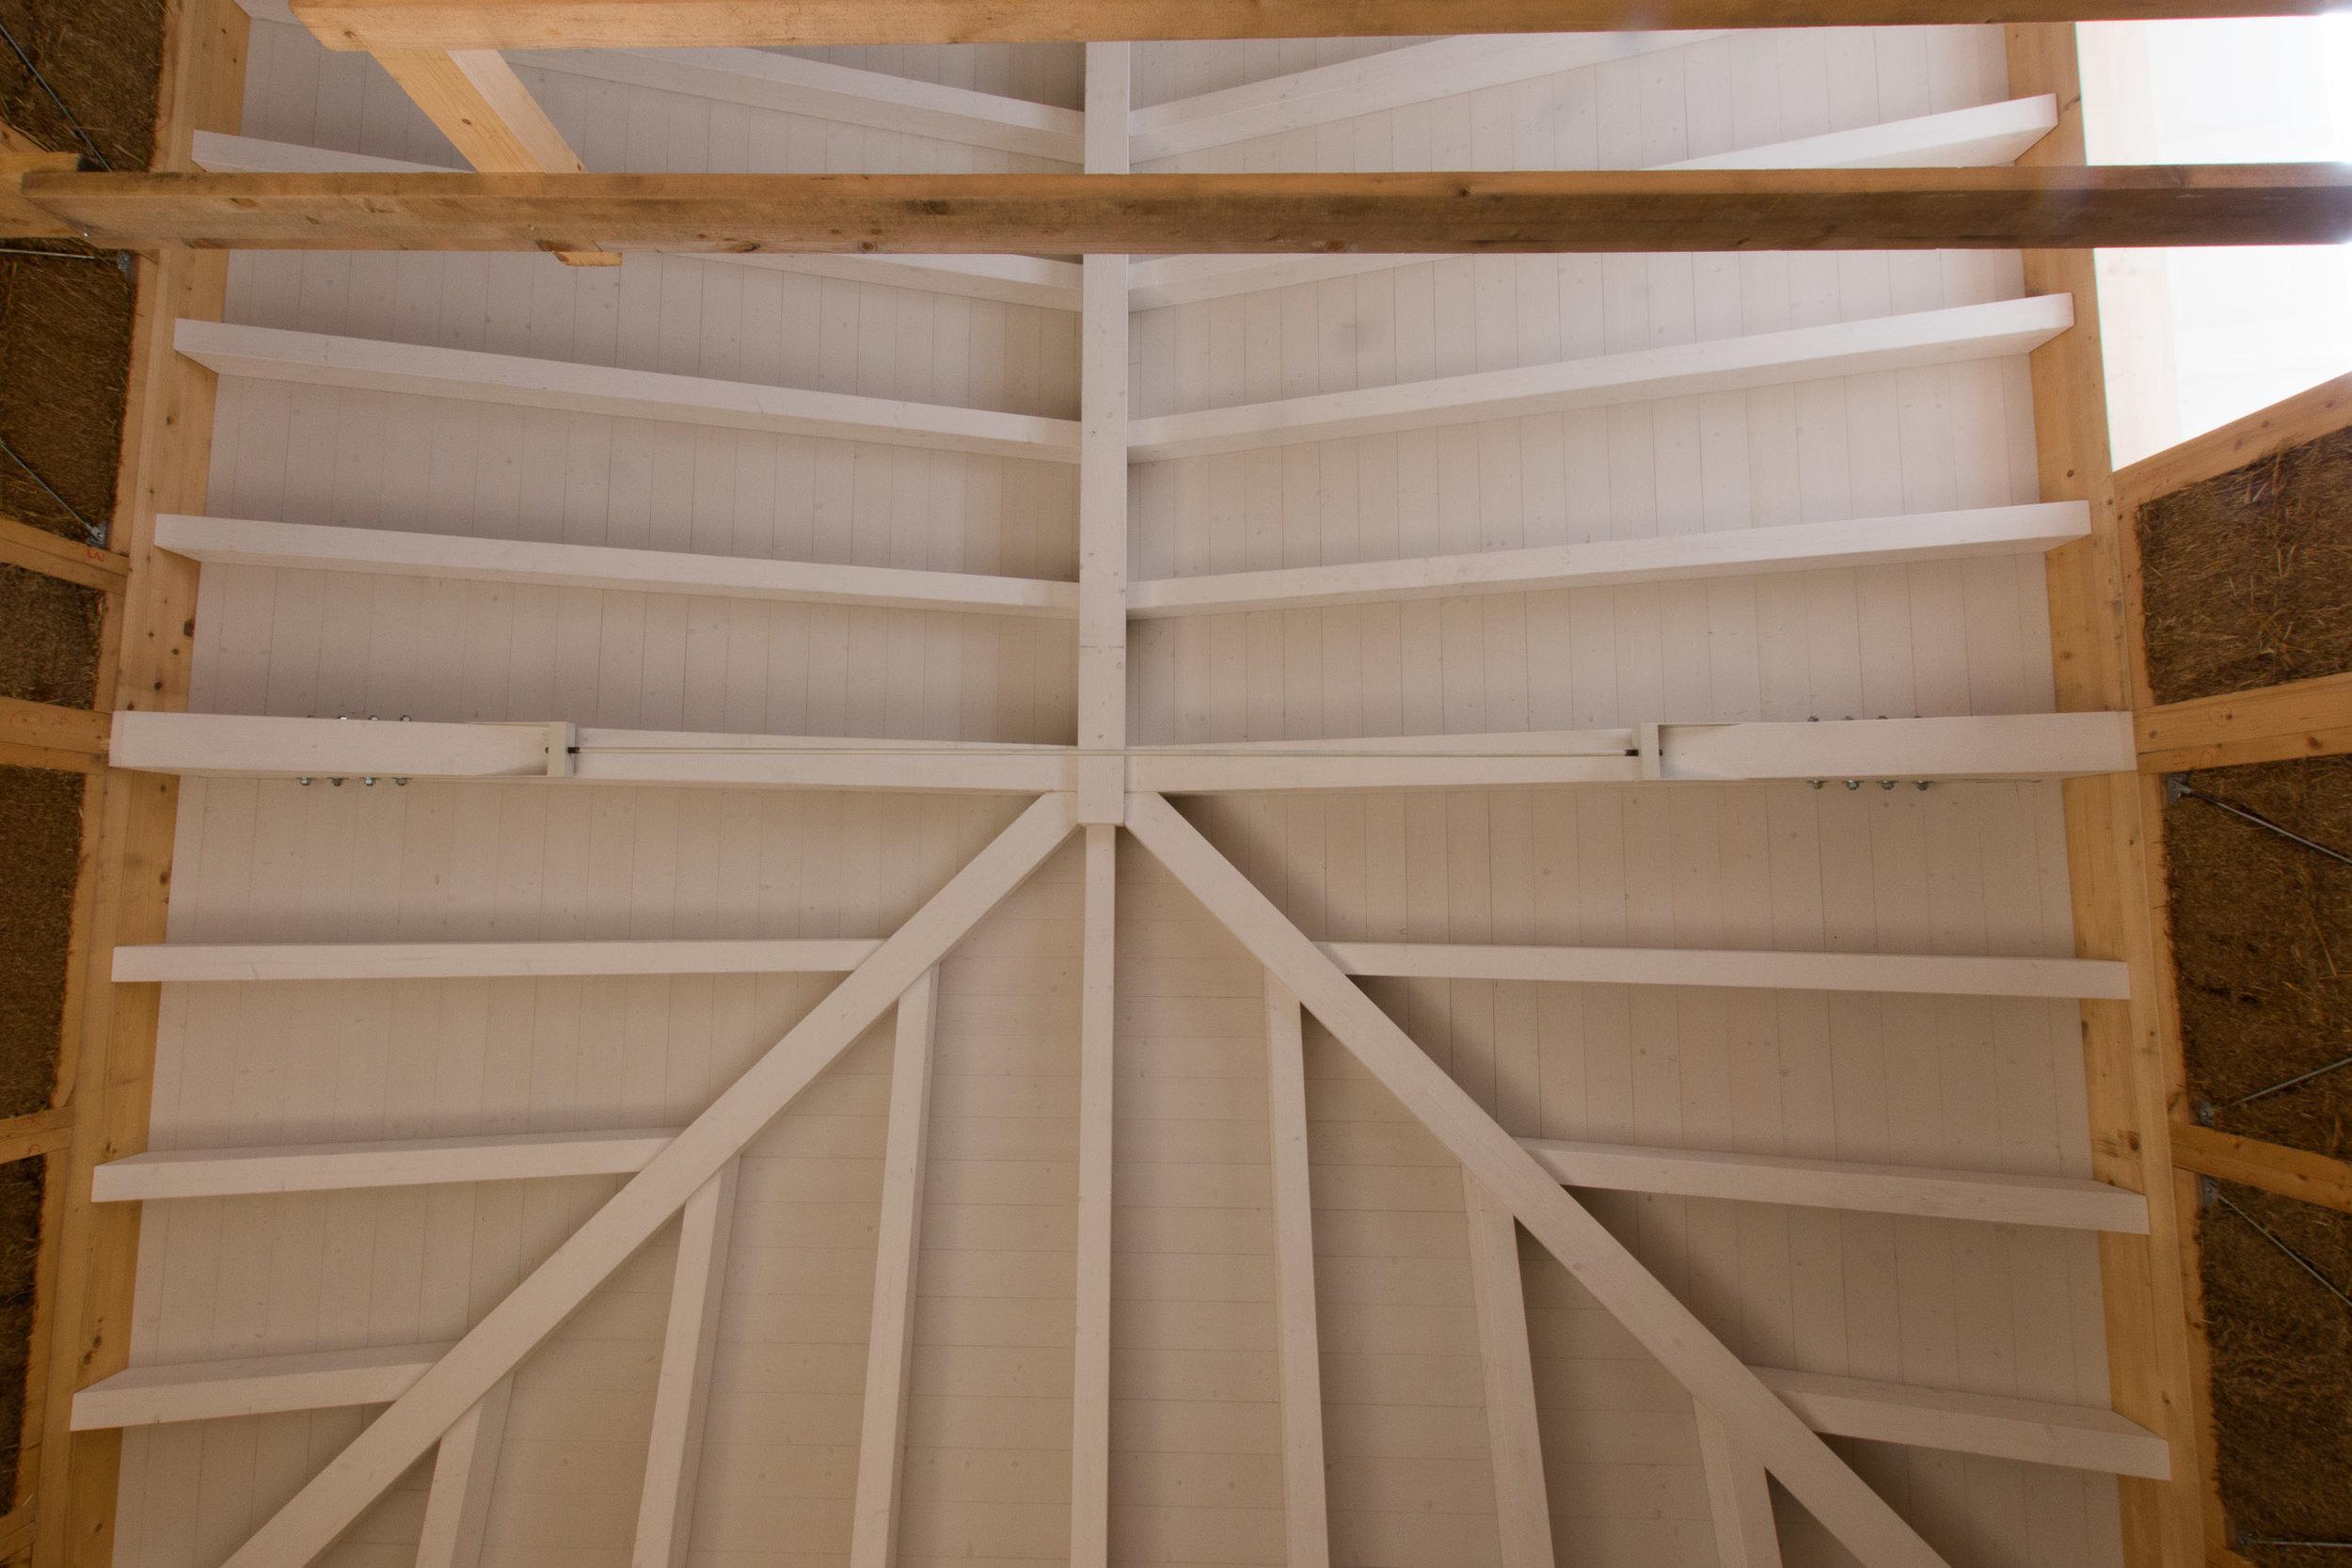 Tetto in paglia visto dall'interno con la struttura portante in legno lamellare